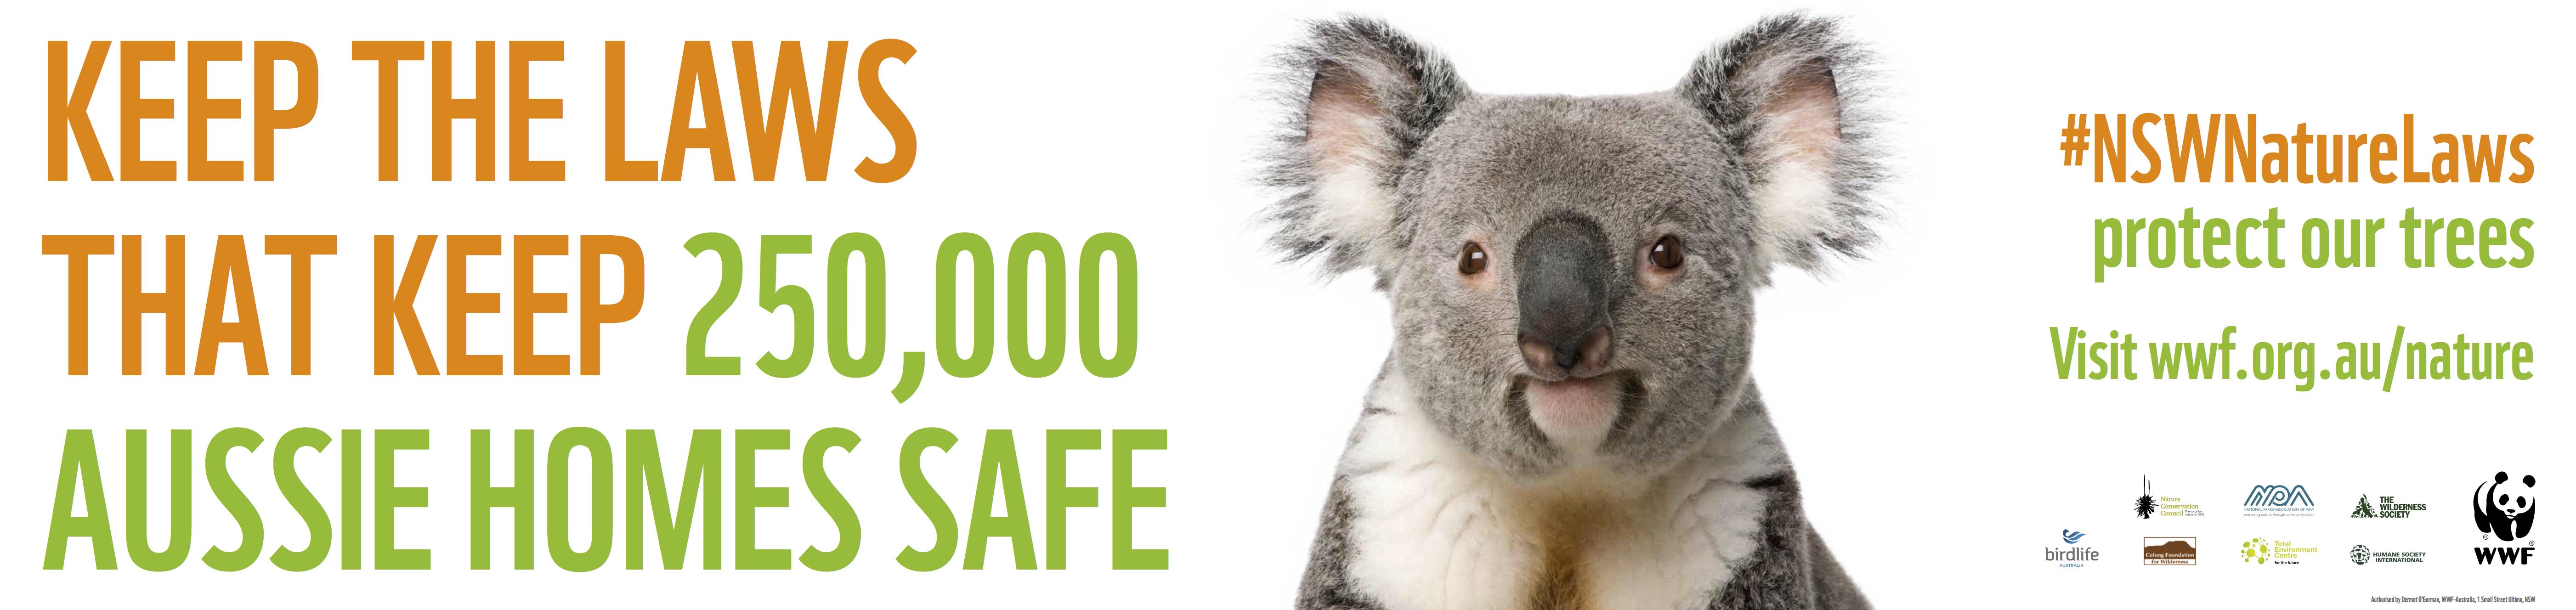 koala_billboard.jpg